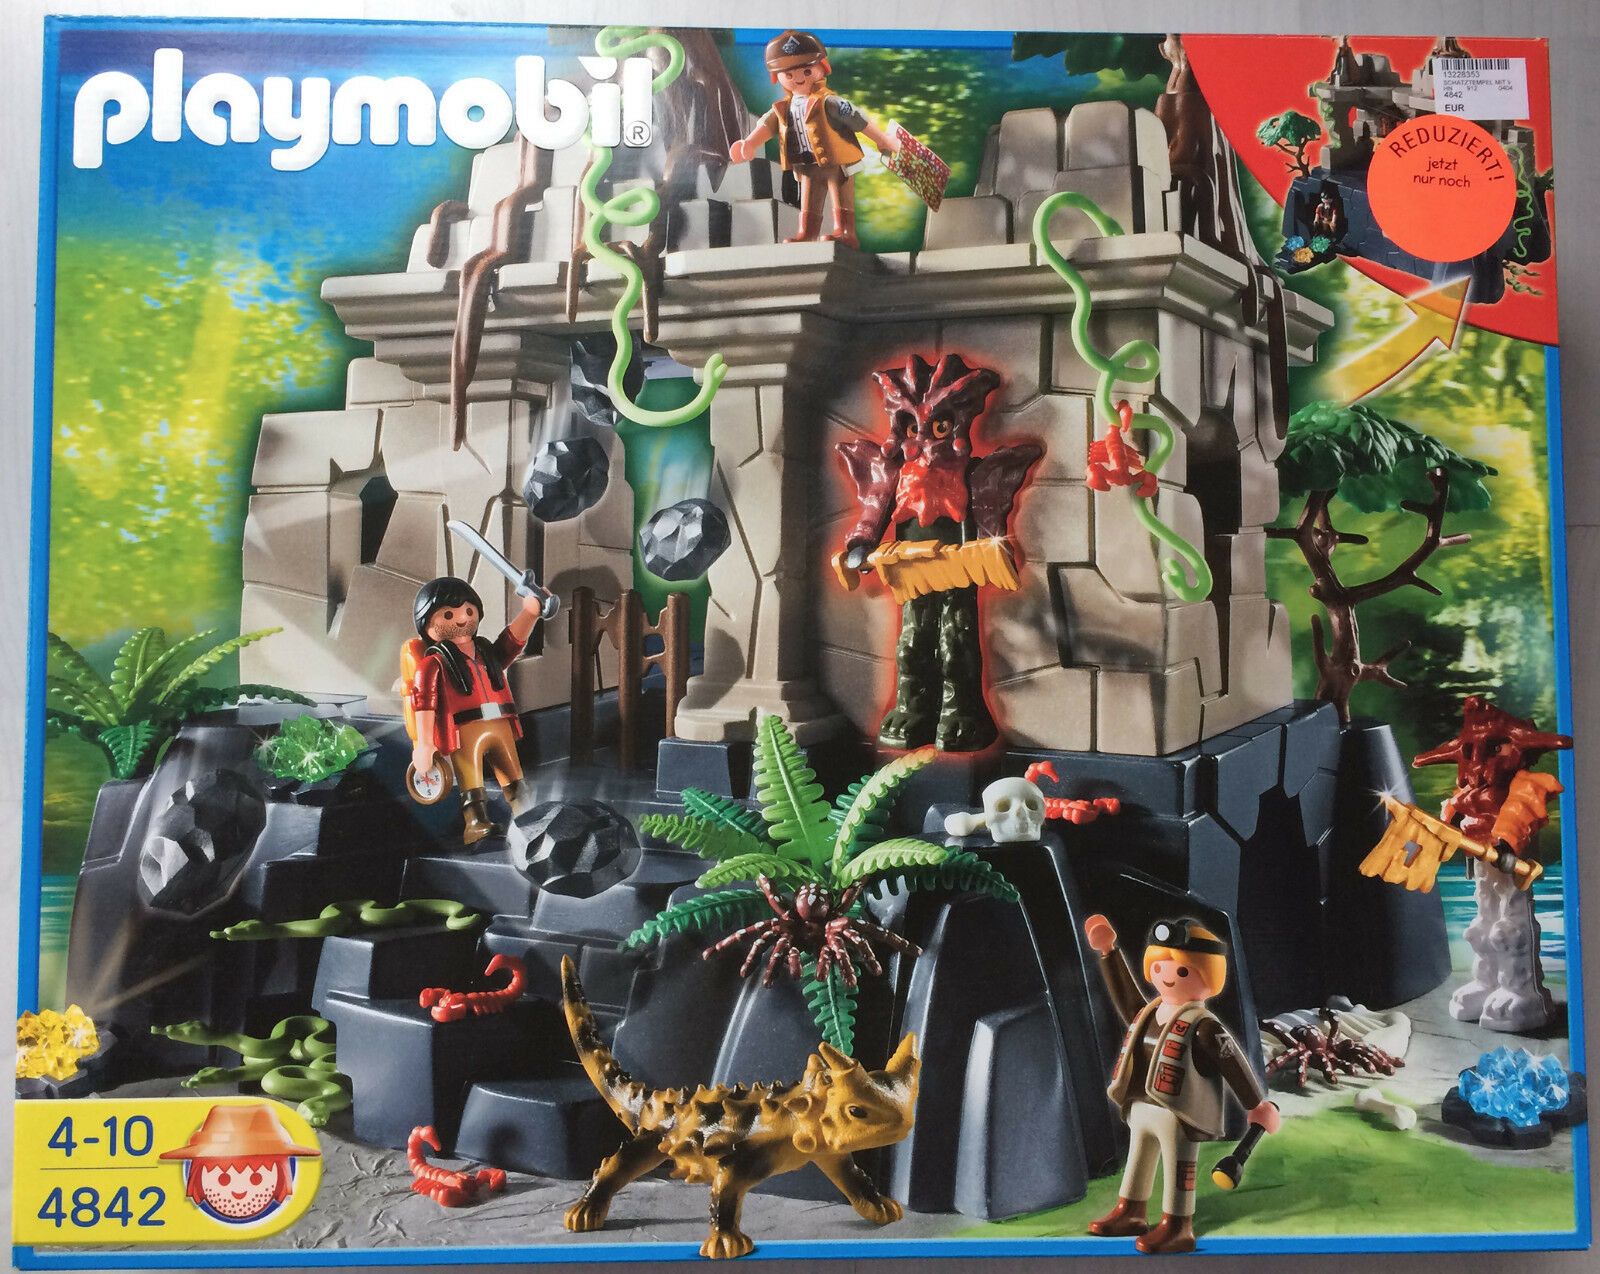 Playmobil - Schatztempel mit Wächtern - Wildnis - Abenteuer - Nr. 4842